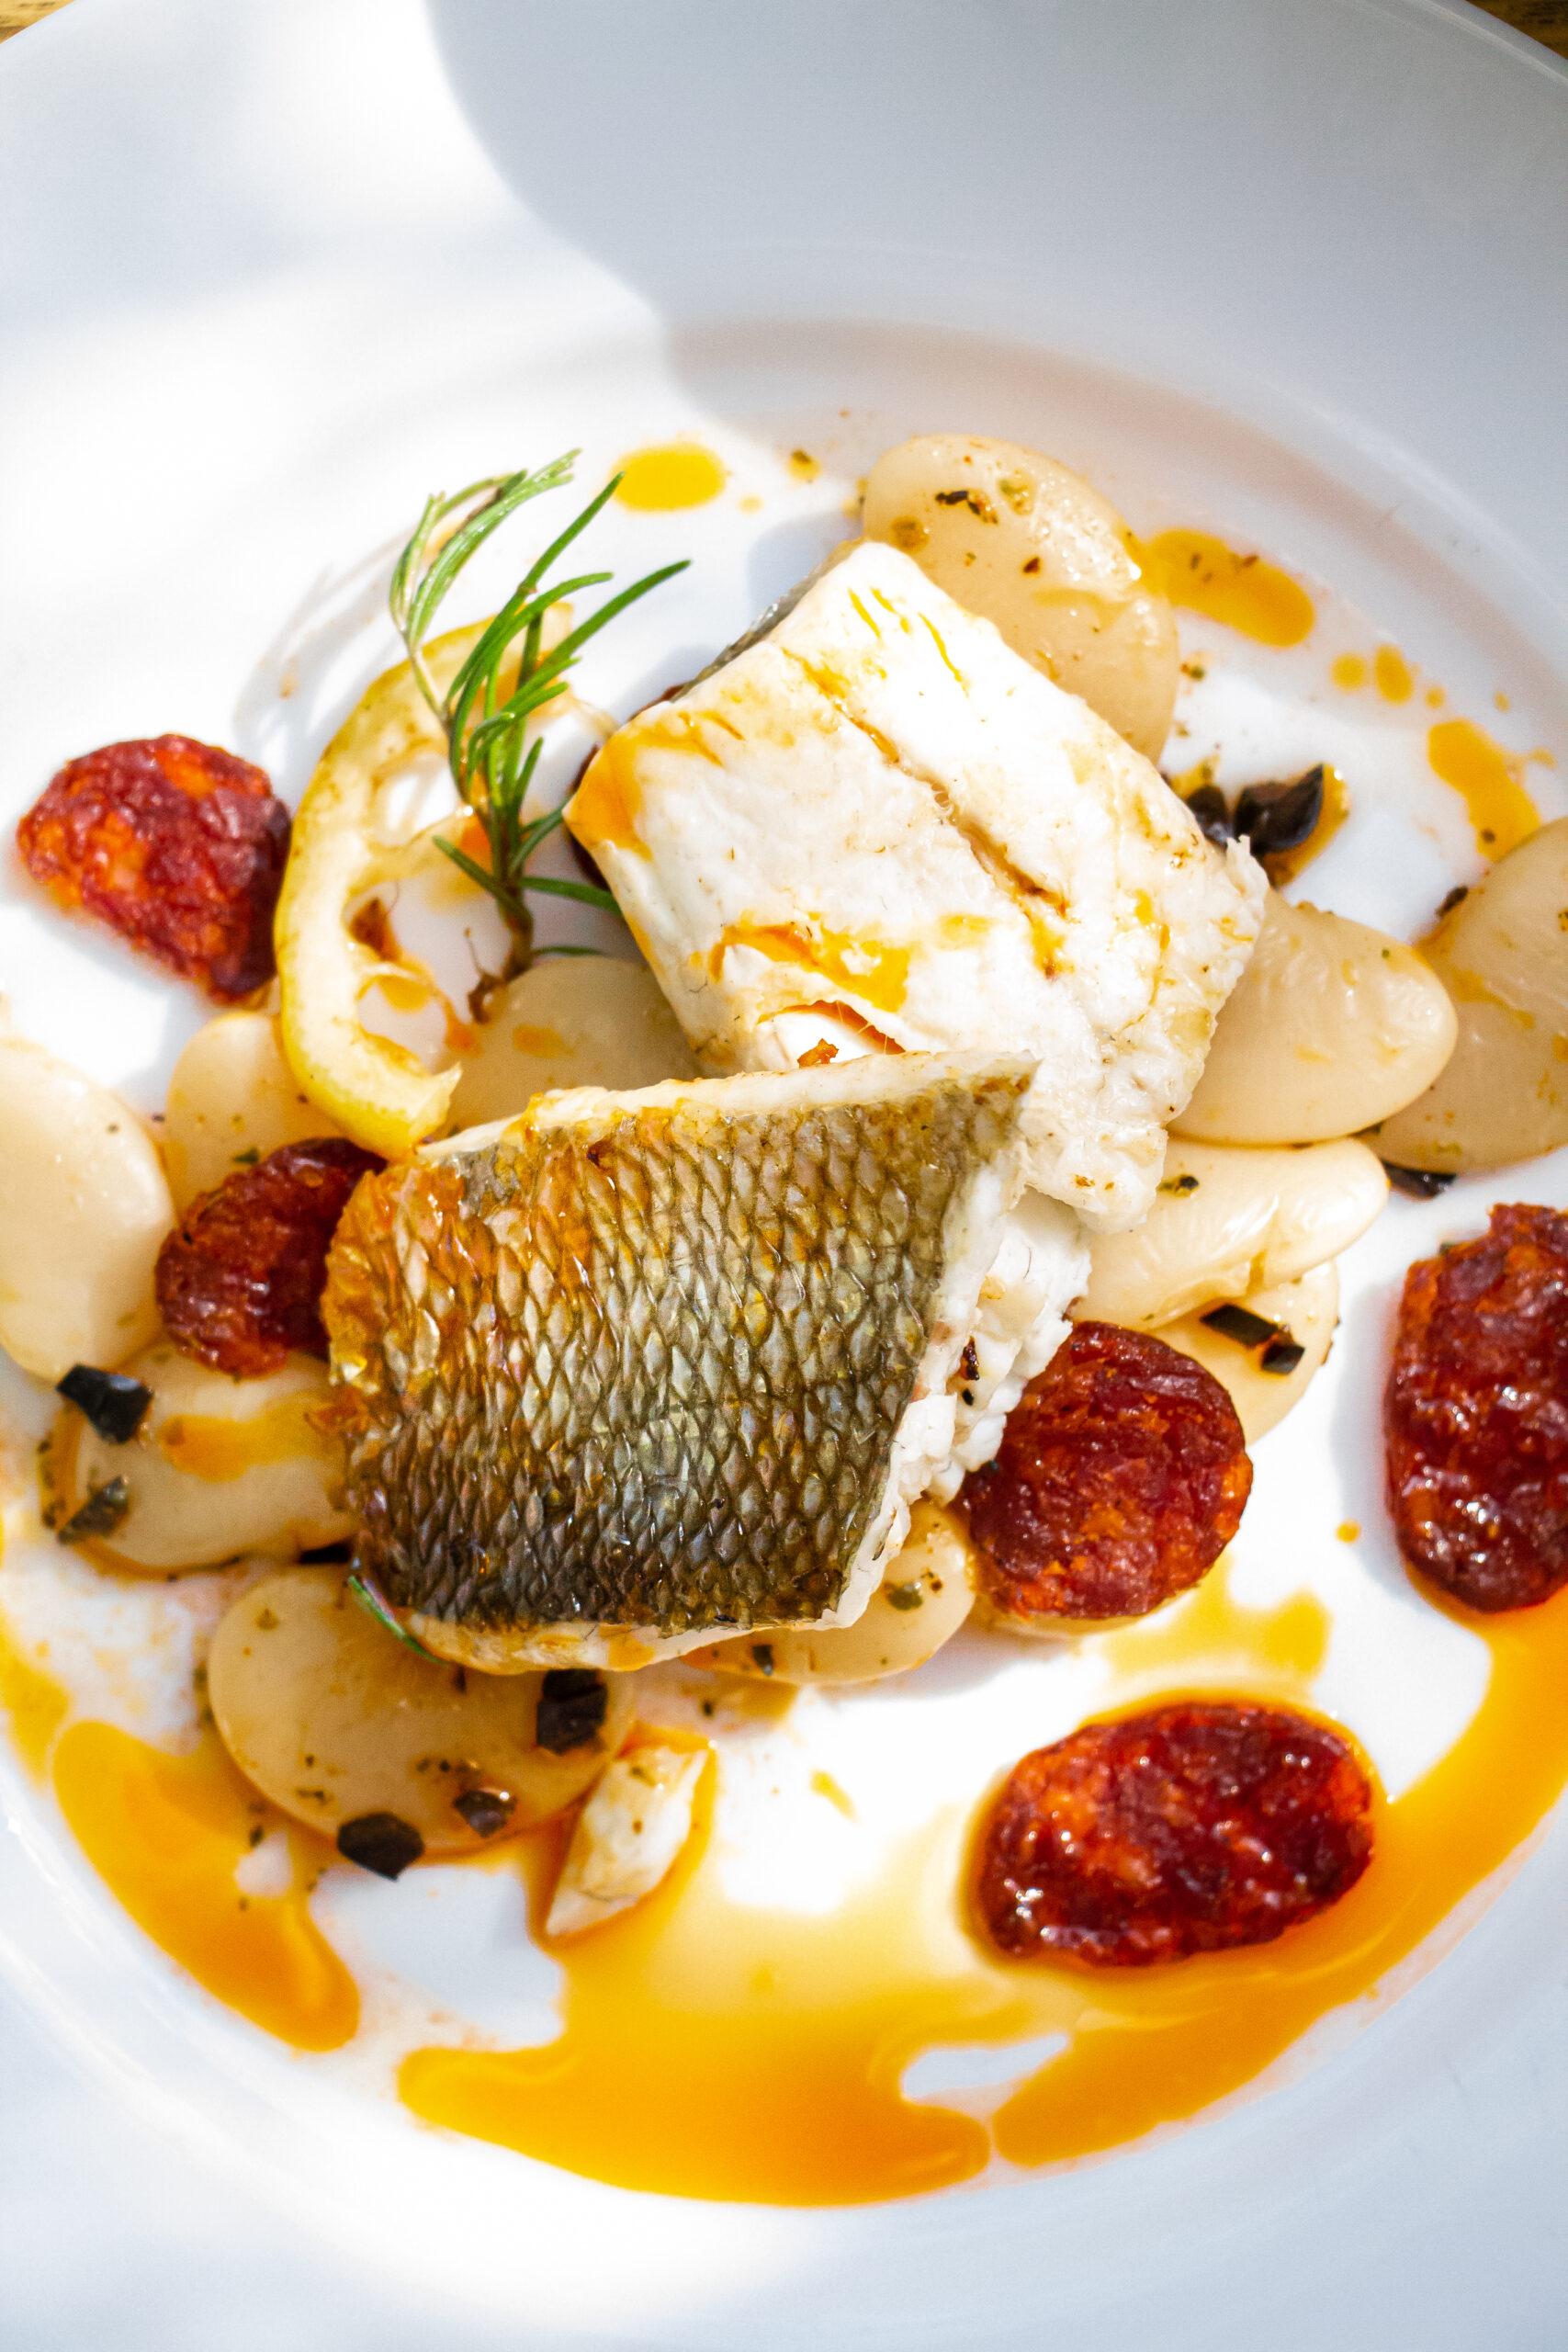 Bohnensalat mit Fischfilet und Chorizo, auf Teller angerichtet